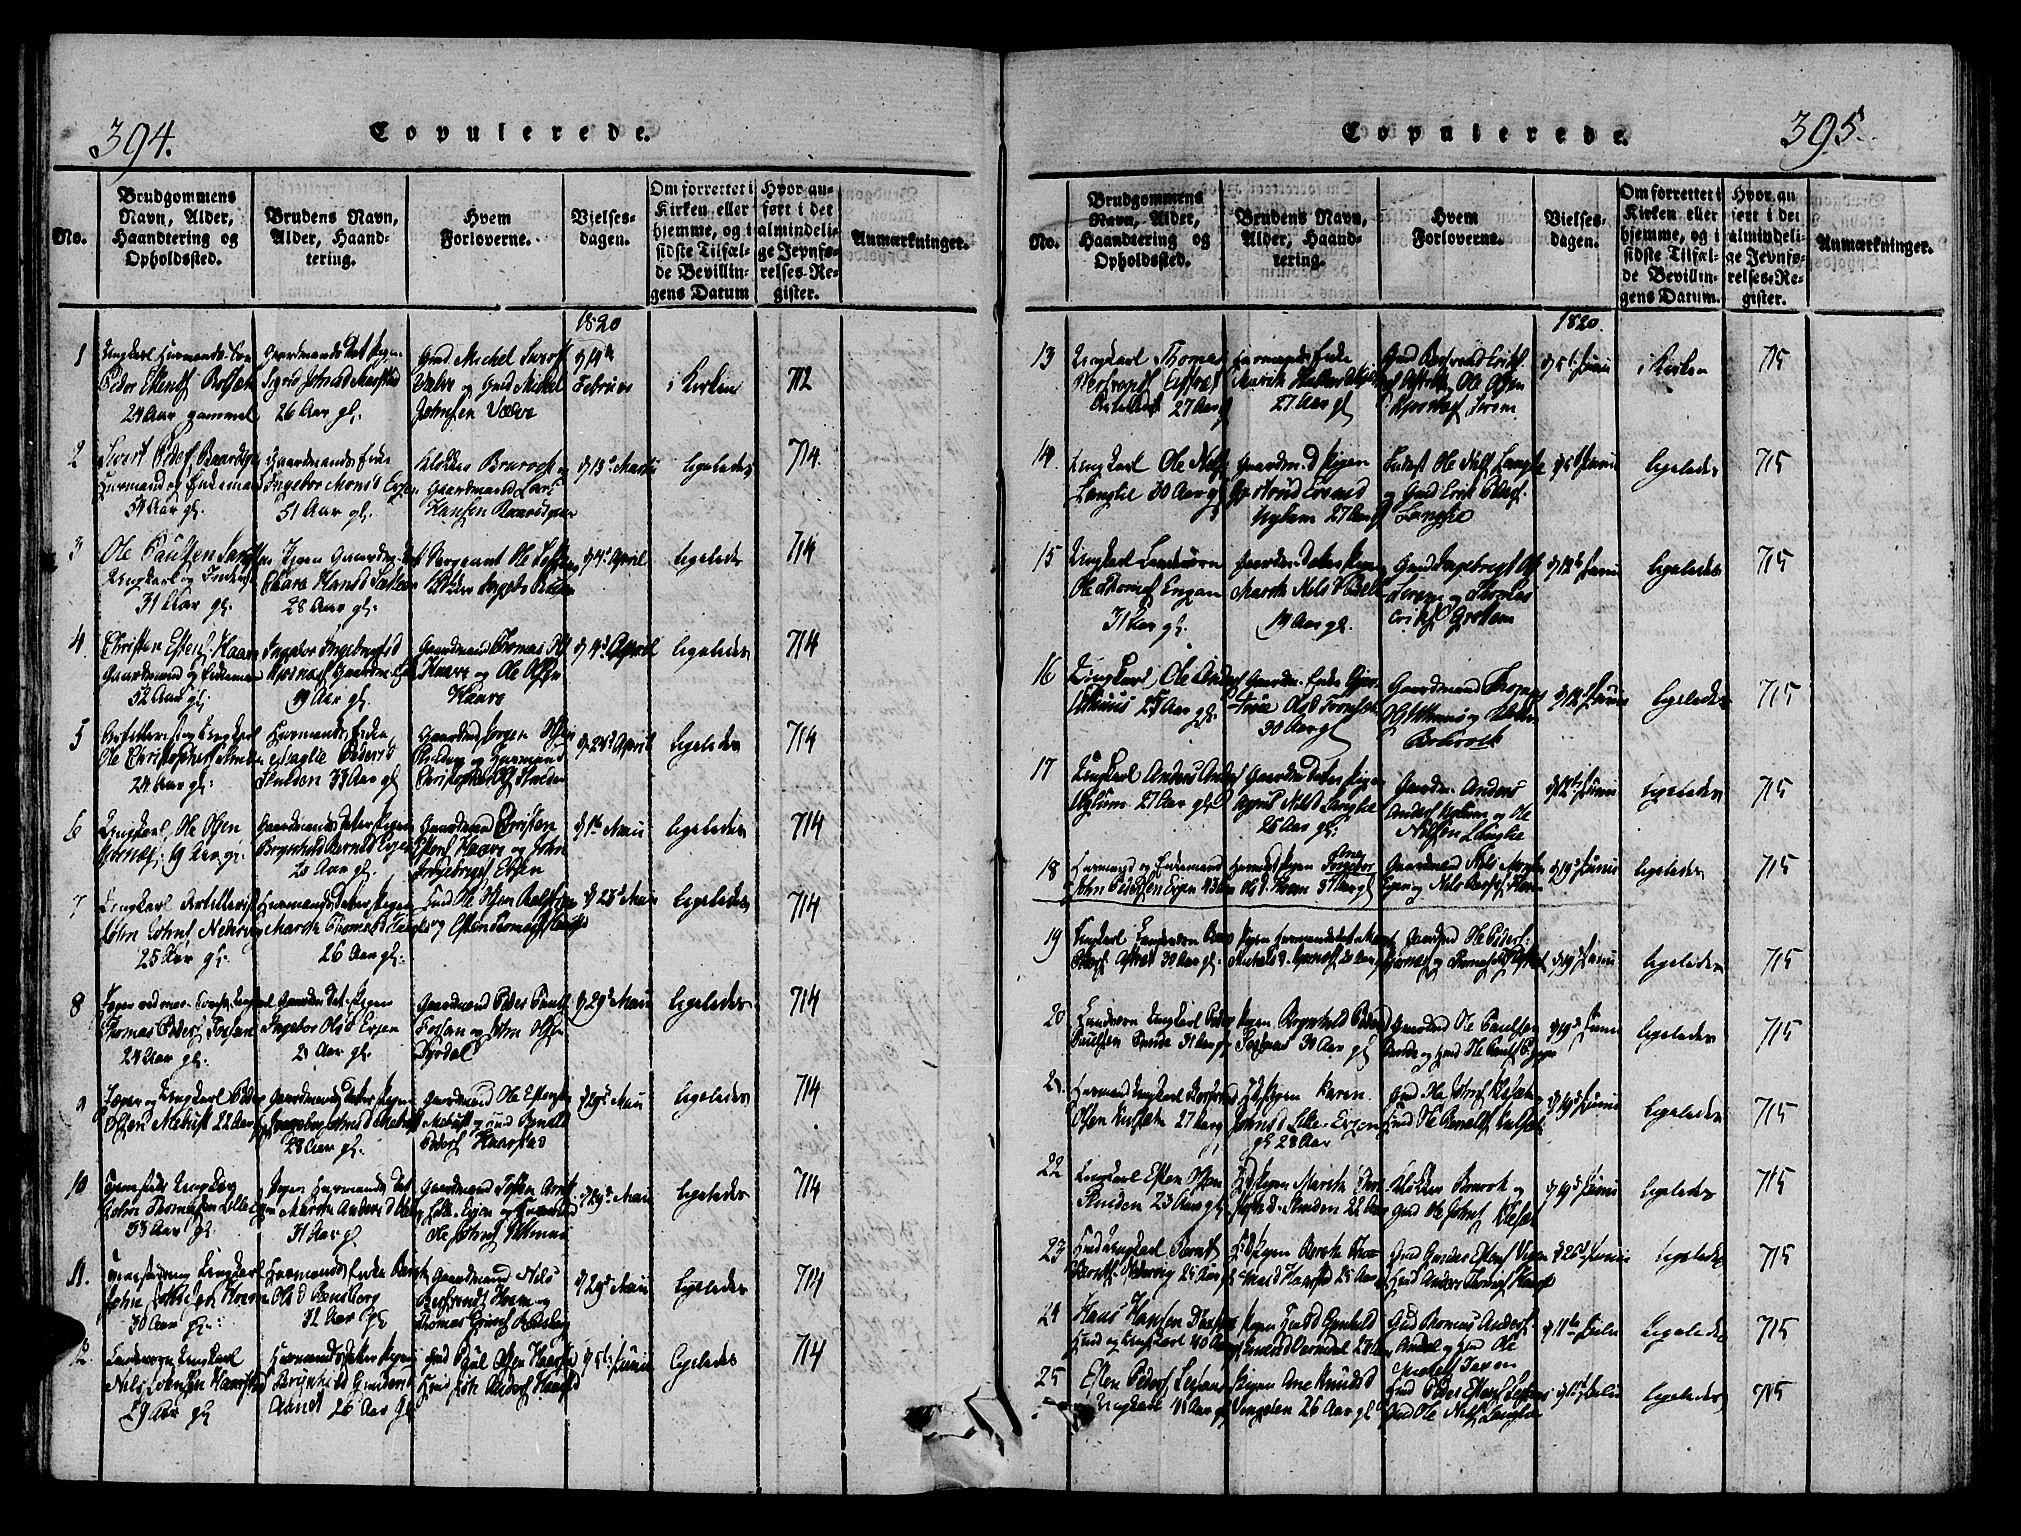 SAT, Ministerialprotokoller, klokkerbøker og fødselsregistre - Sør-Trøndelag, 695/L1141: Ministerialbok nr. 695A04 /1, 1816-1824, s. 394-395